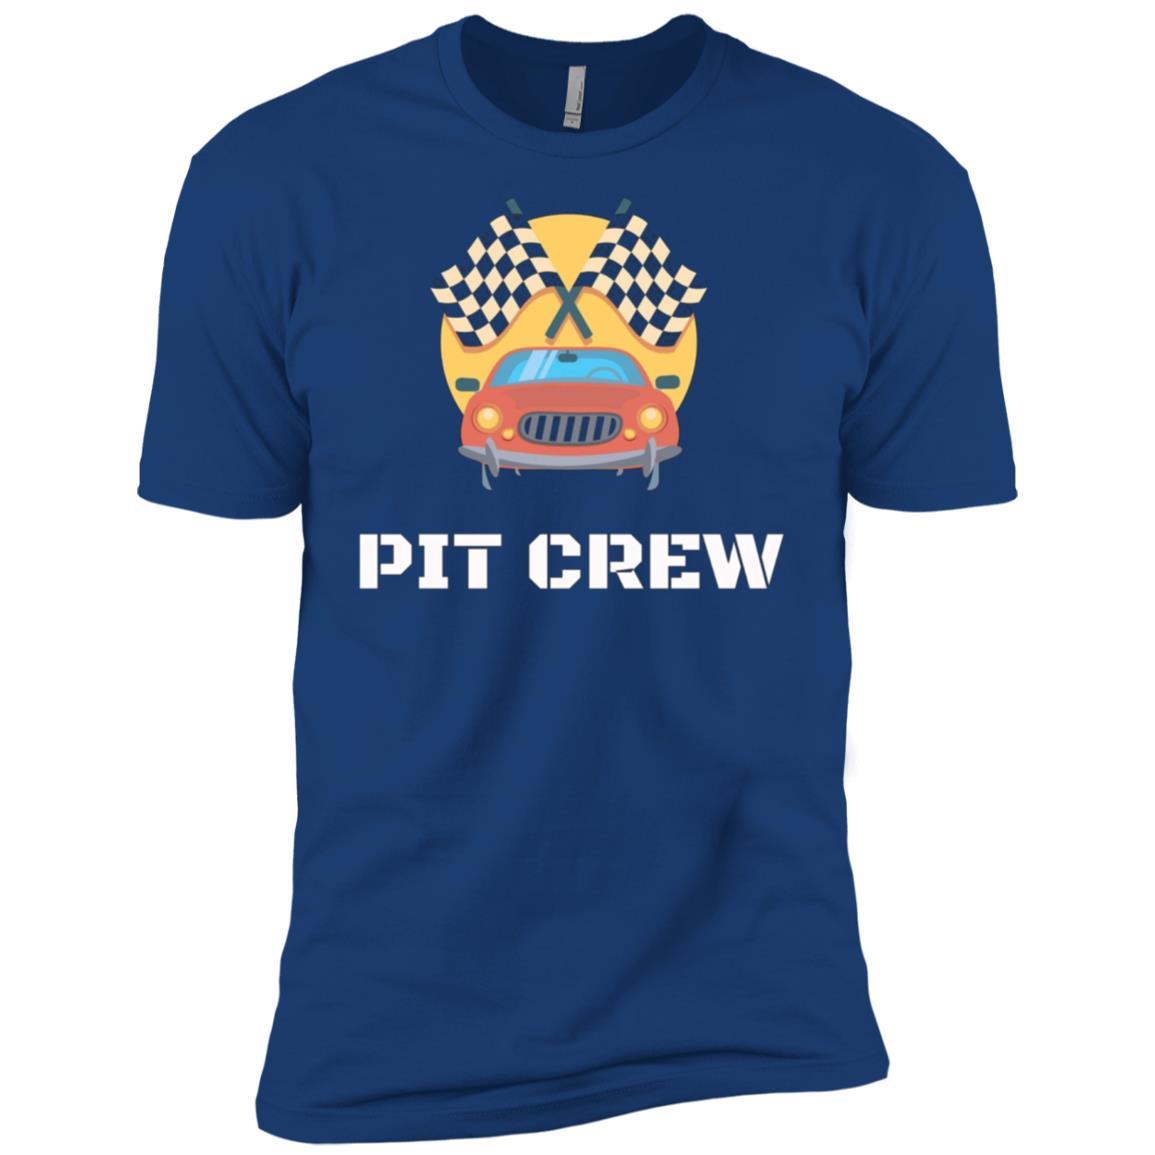 Pit Crew Hosting Race Car Parties Flag Kids Parents Men Short Sleeve T-Shirt